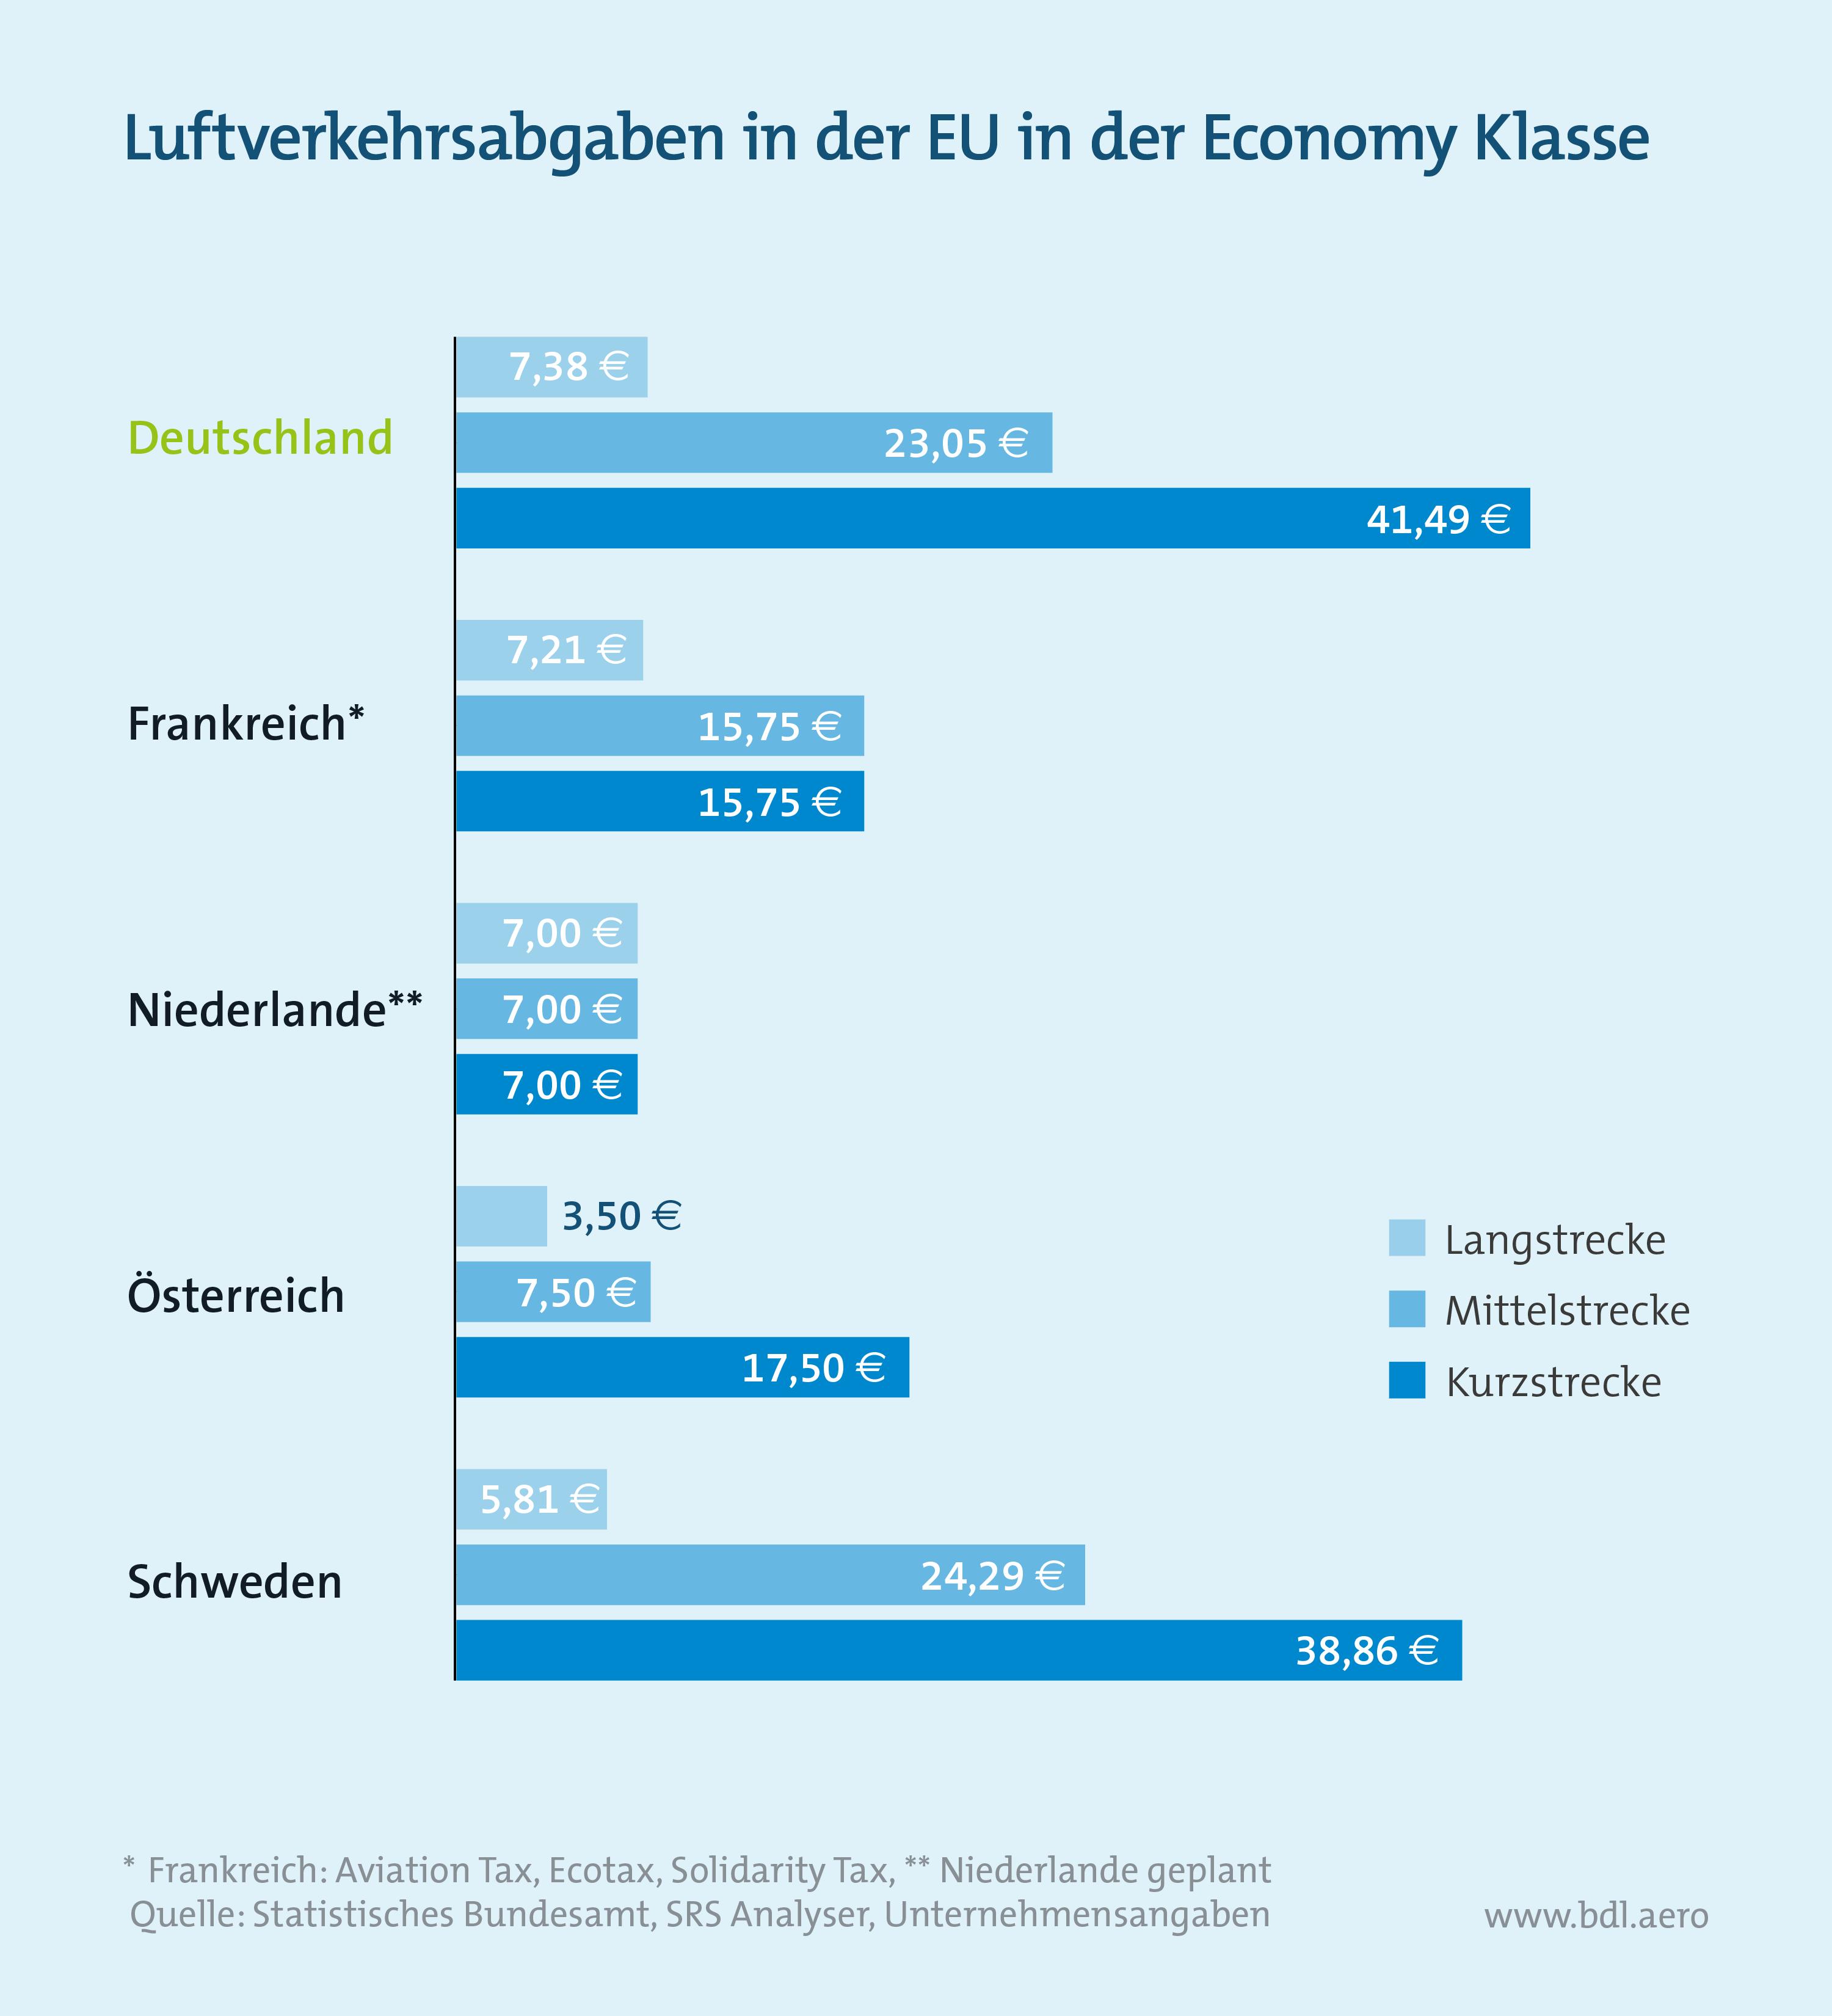 Luftverkehrsabgaben in der EU